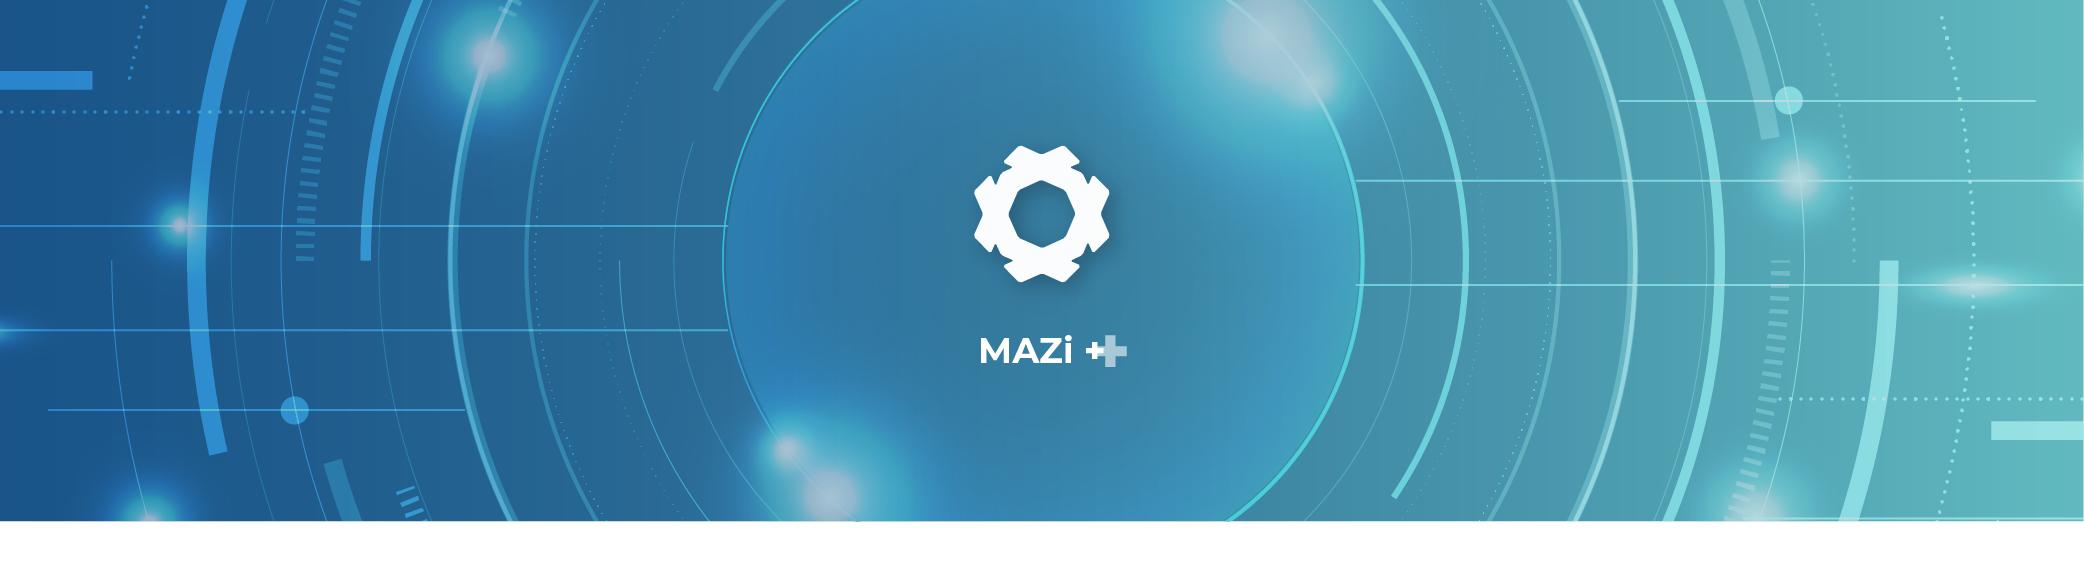 Mazi + | Novo protocolo